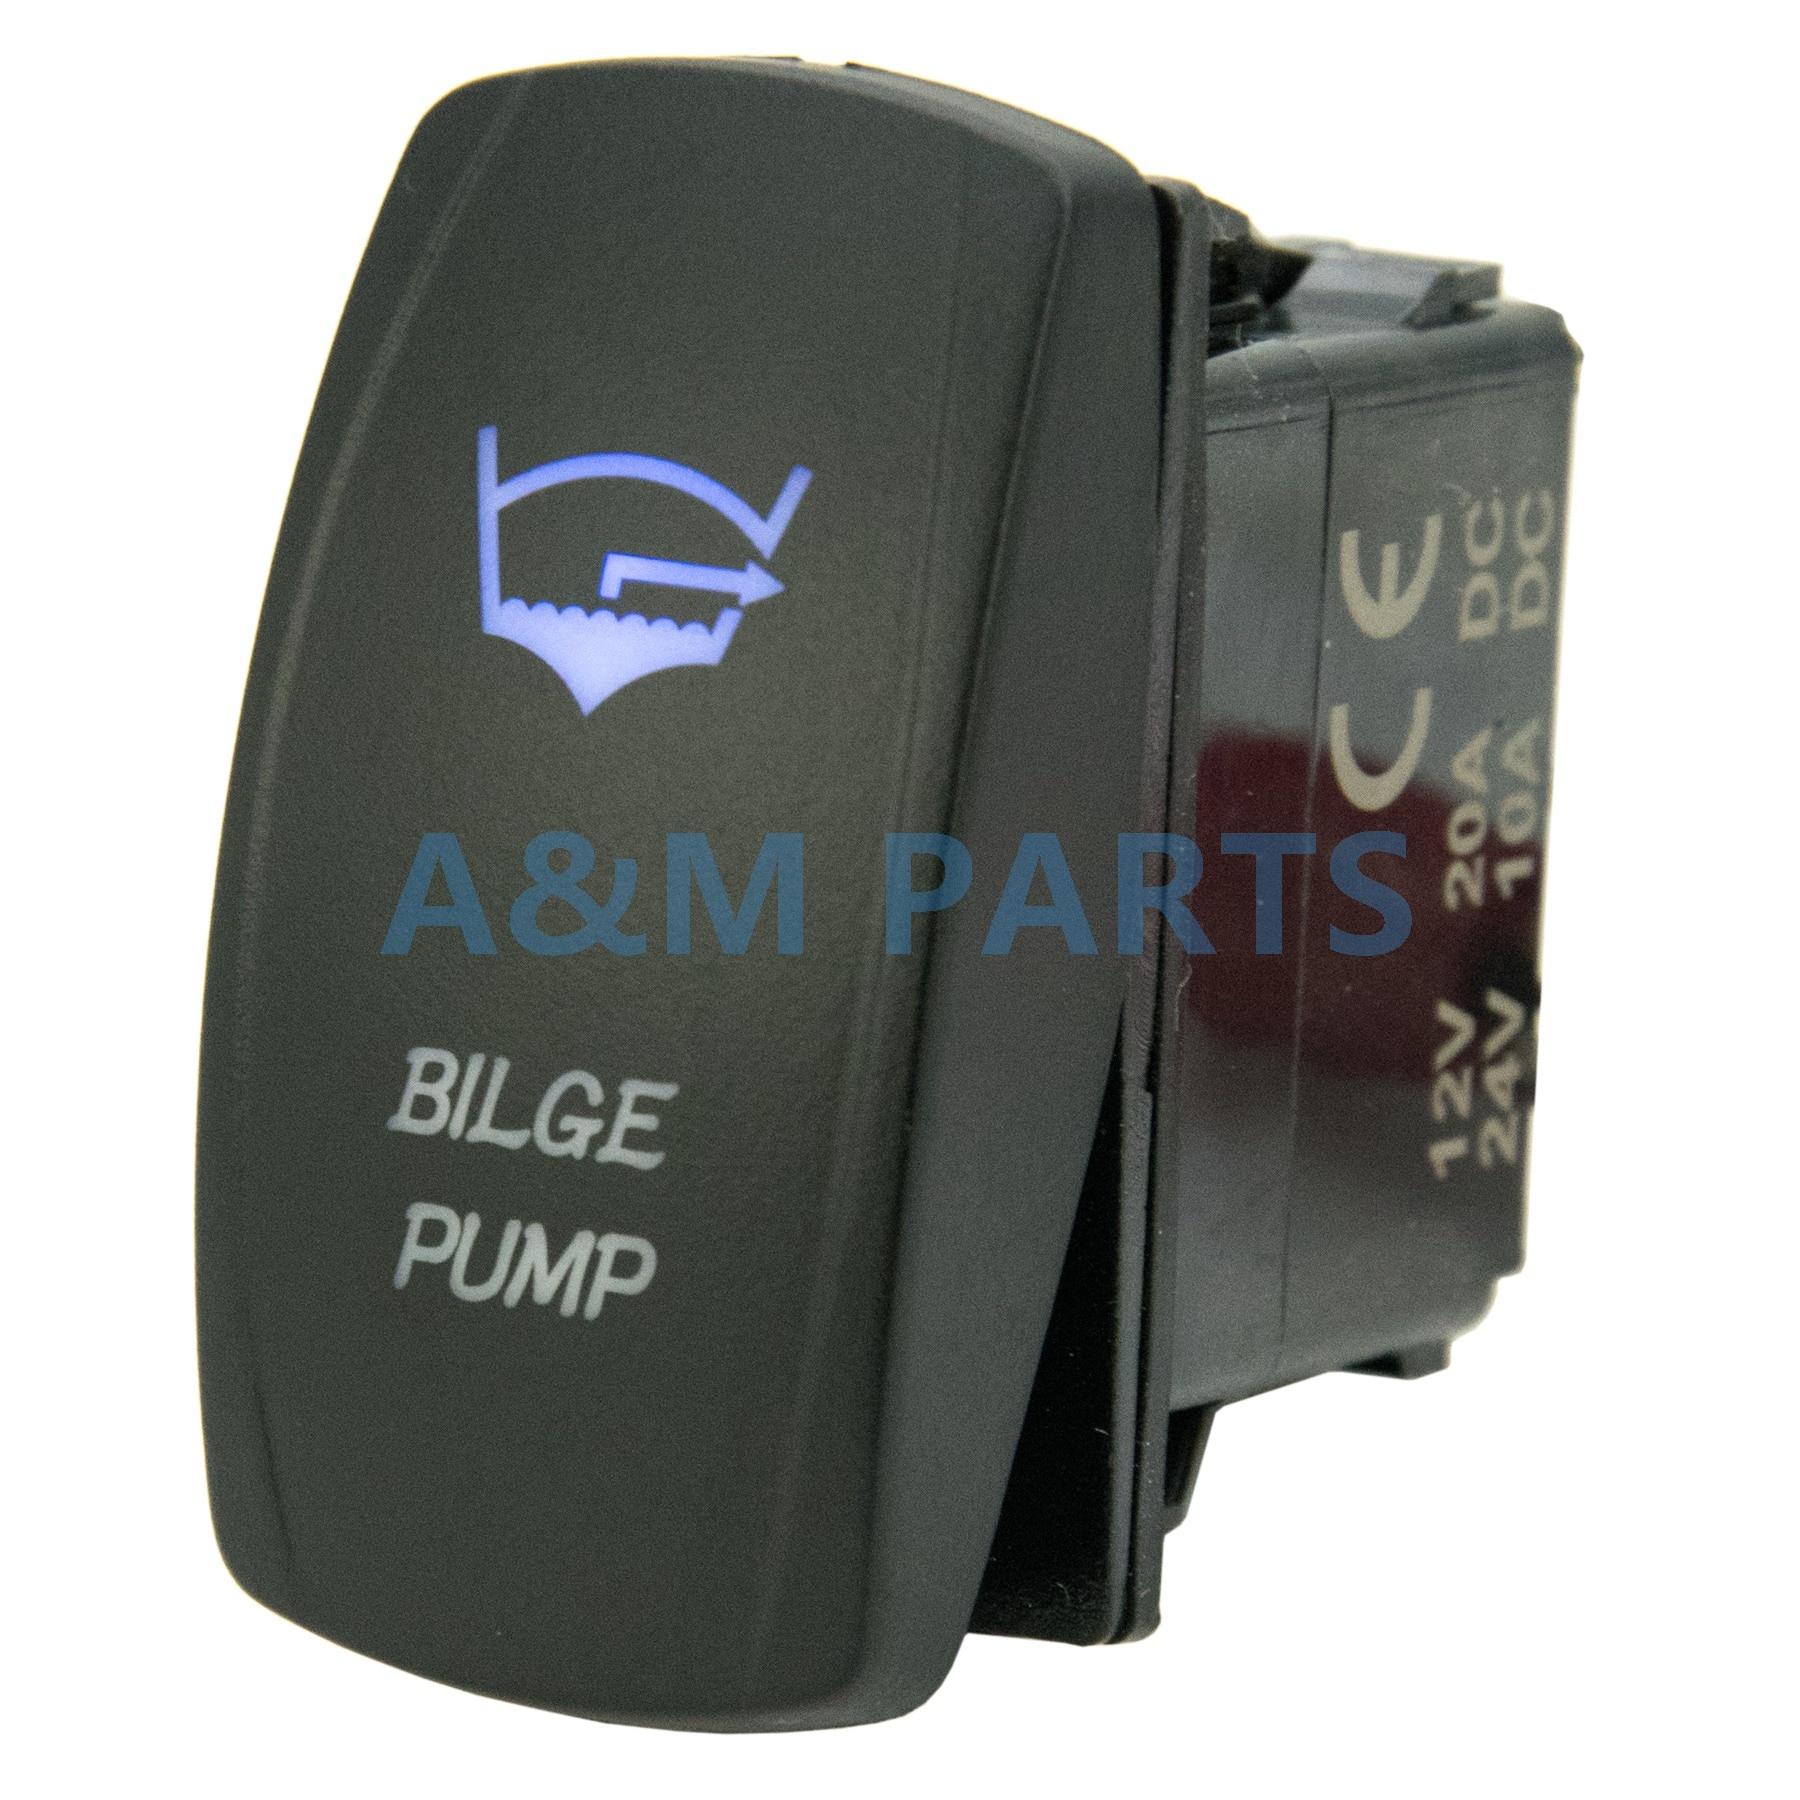 Laser Blue Rocker Switch Bilge Blower ON//OFF LED Light 12v Dash Accessories